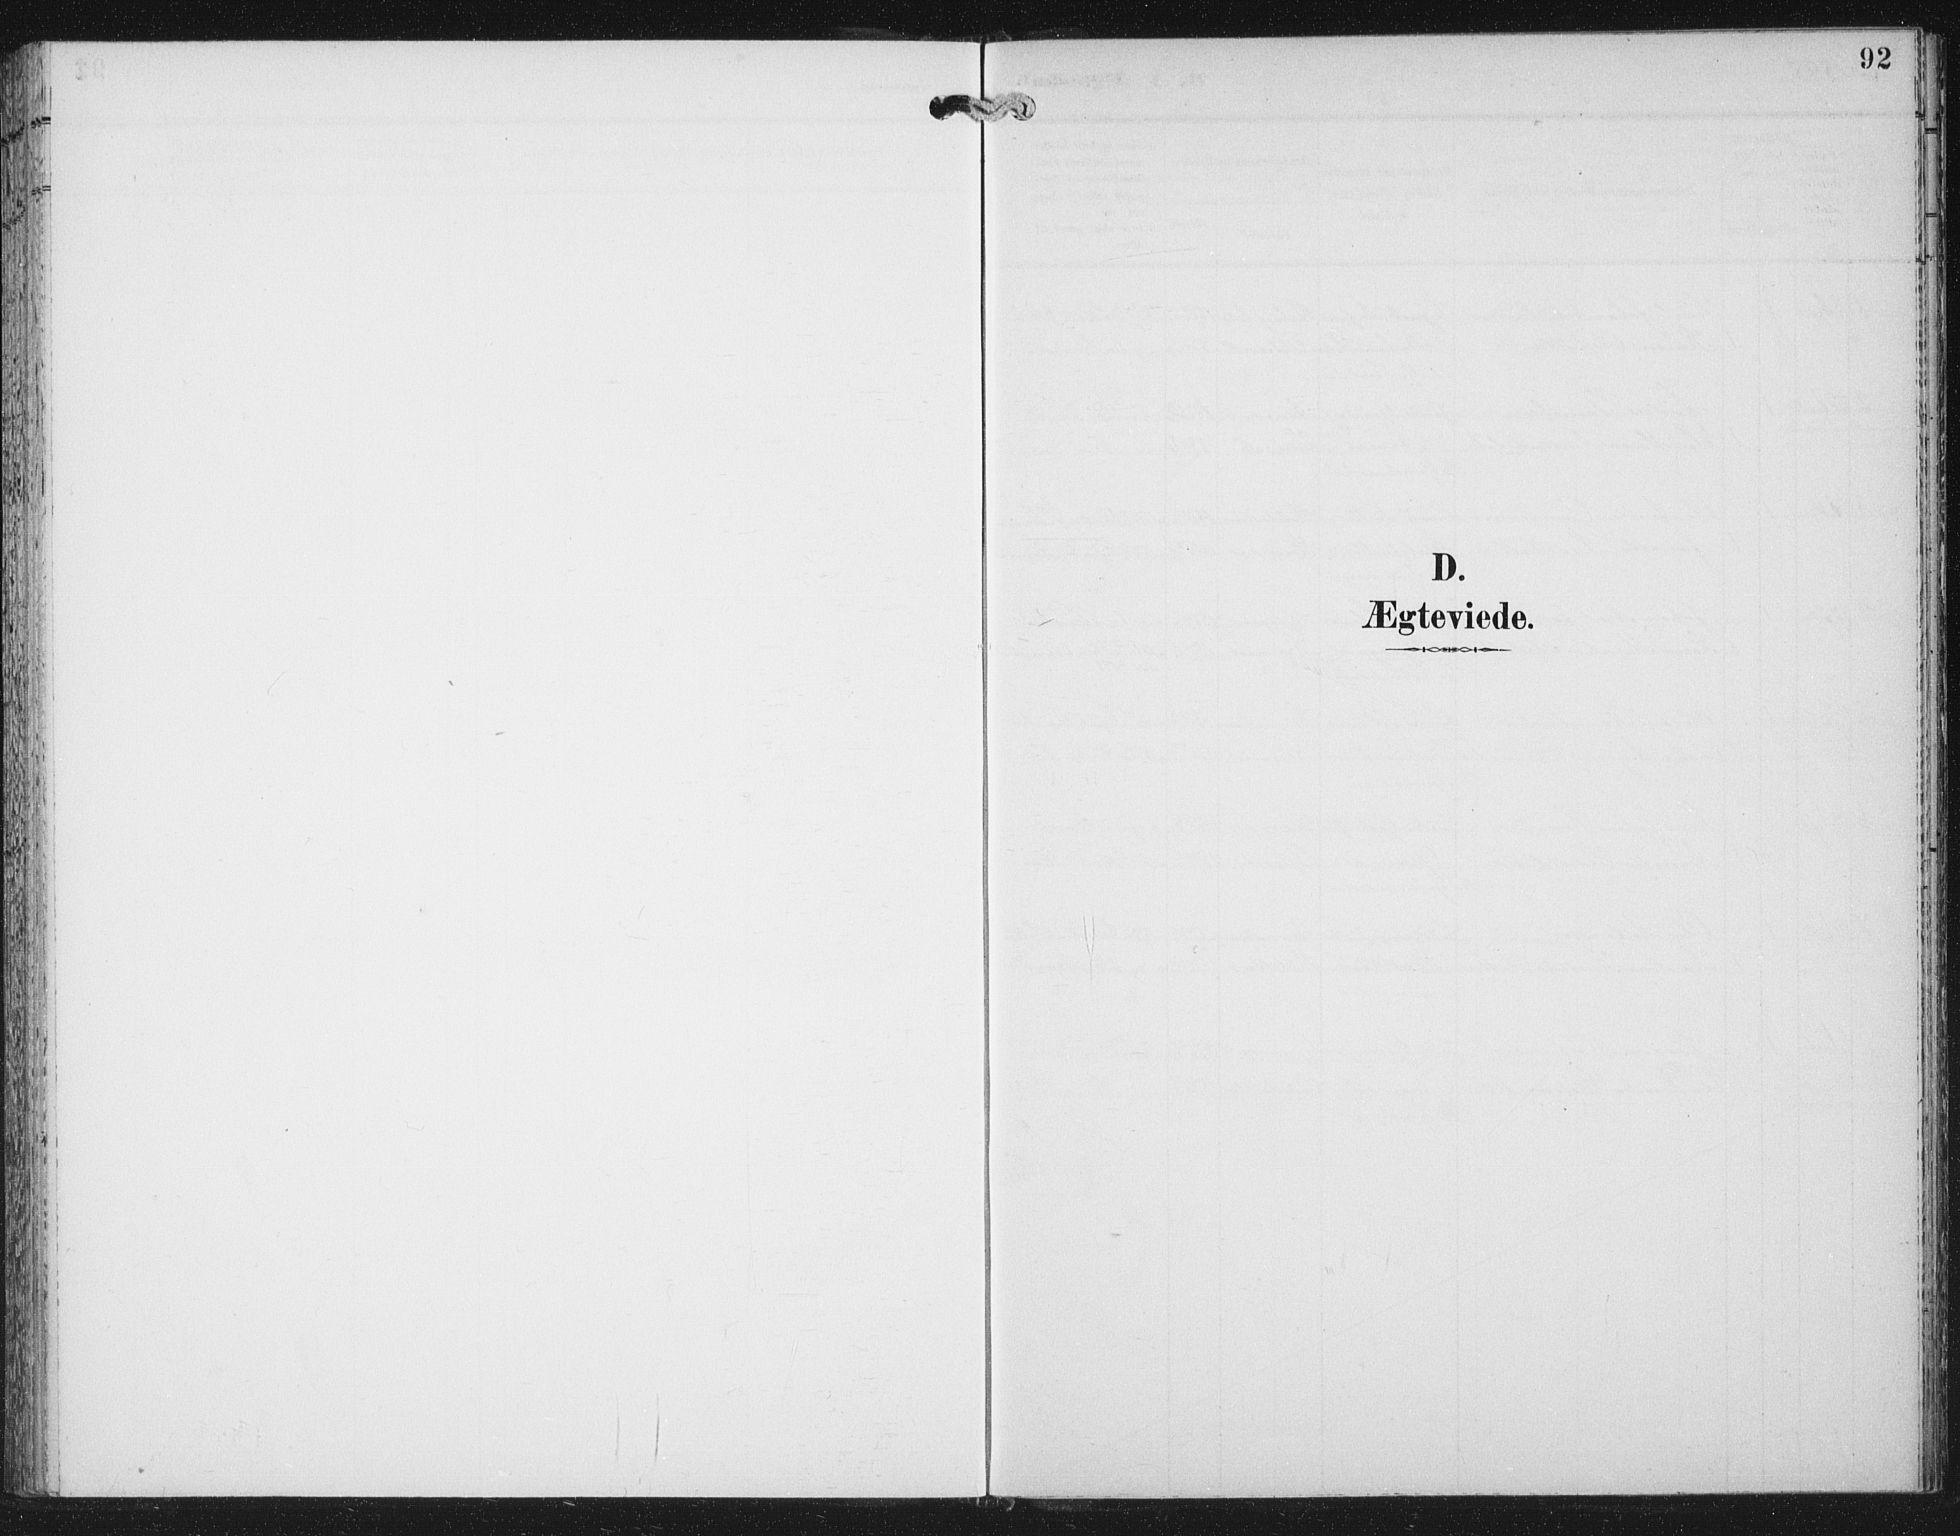 SAT, Ministerialprotokoller, klokkerbøker og fødselsregistre - Nord-Trøndelag, 702/L0024: Ministerialbok nr. 702A02, 1898-1914, s. 92